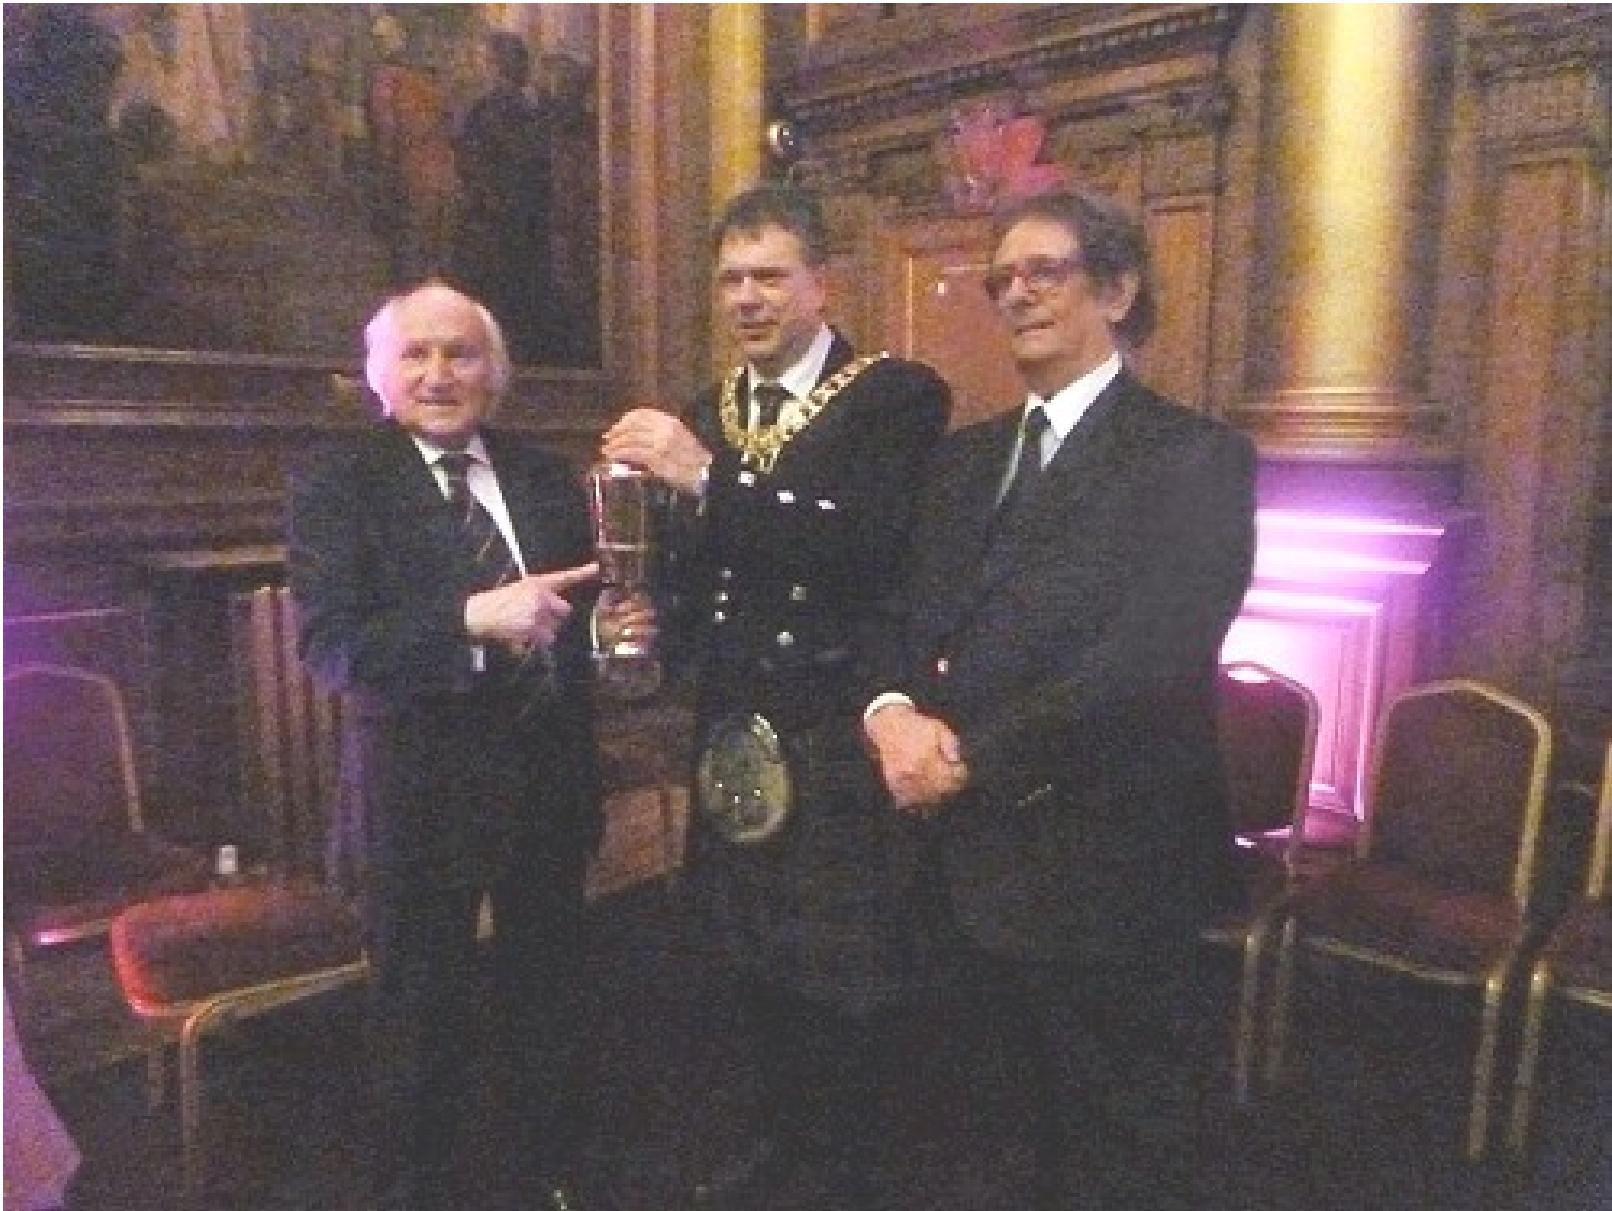 Alături de Richard Demarco, la ceremonia în cadrul căreia Primarul Edinburghului îi remite cea mai înaltă distincţie scoţiană